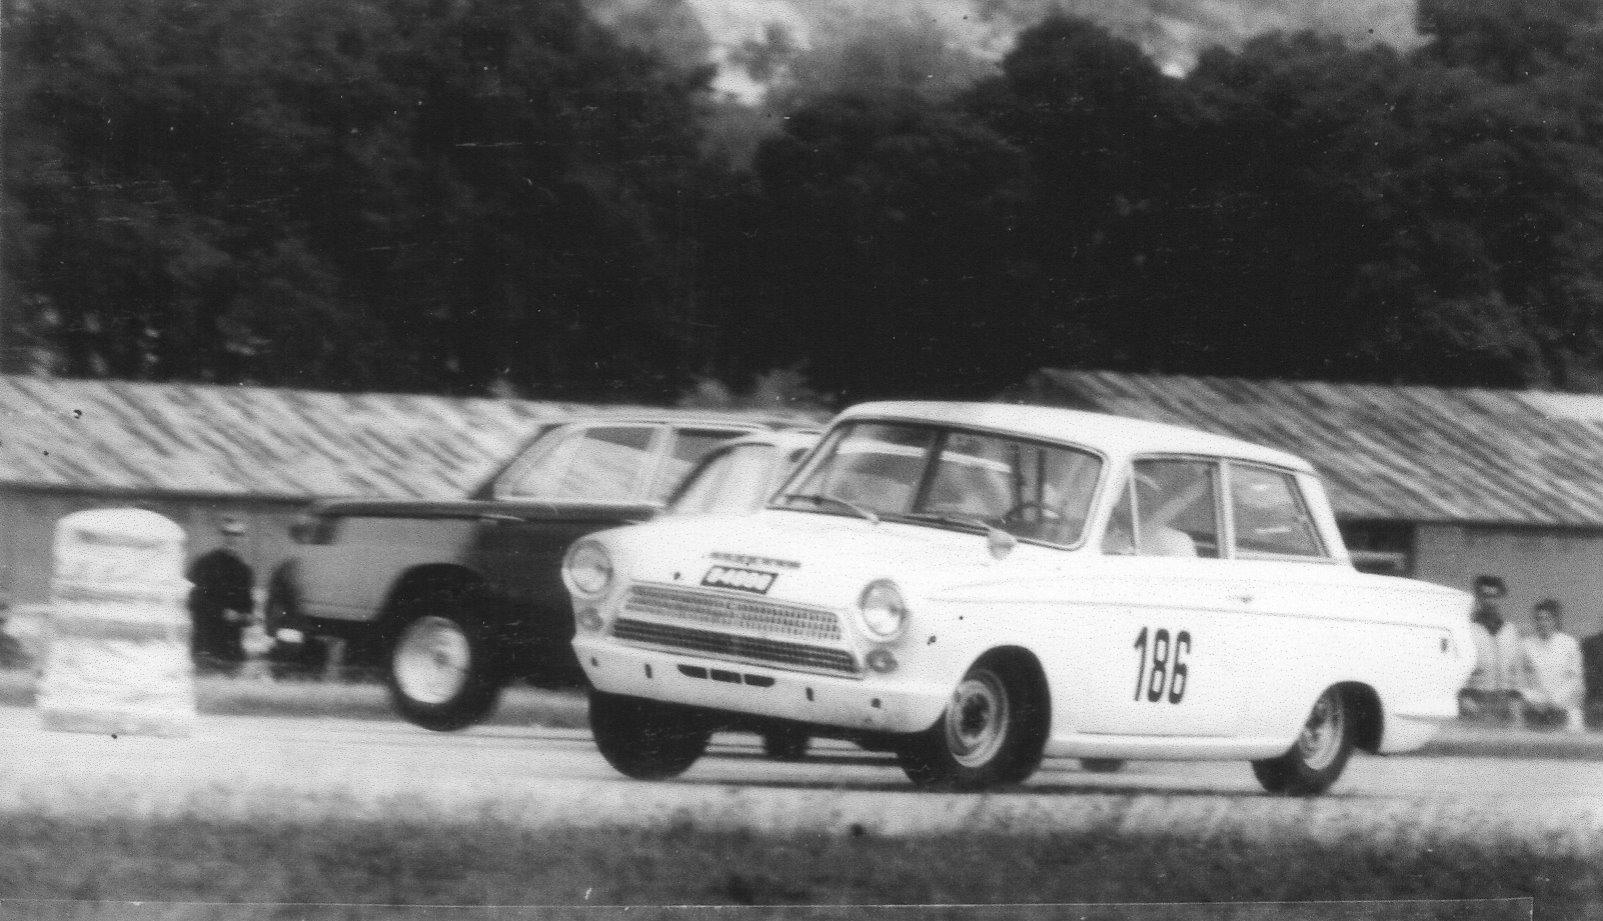 1965 Int. AvD-Flugplatz-Rennen Trier